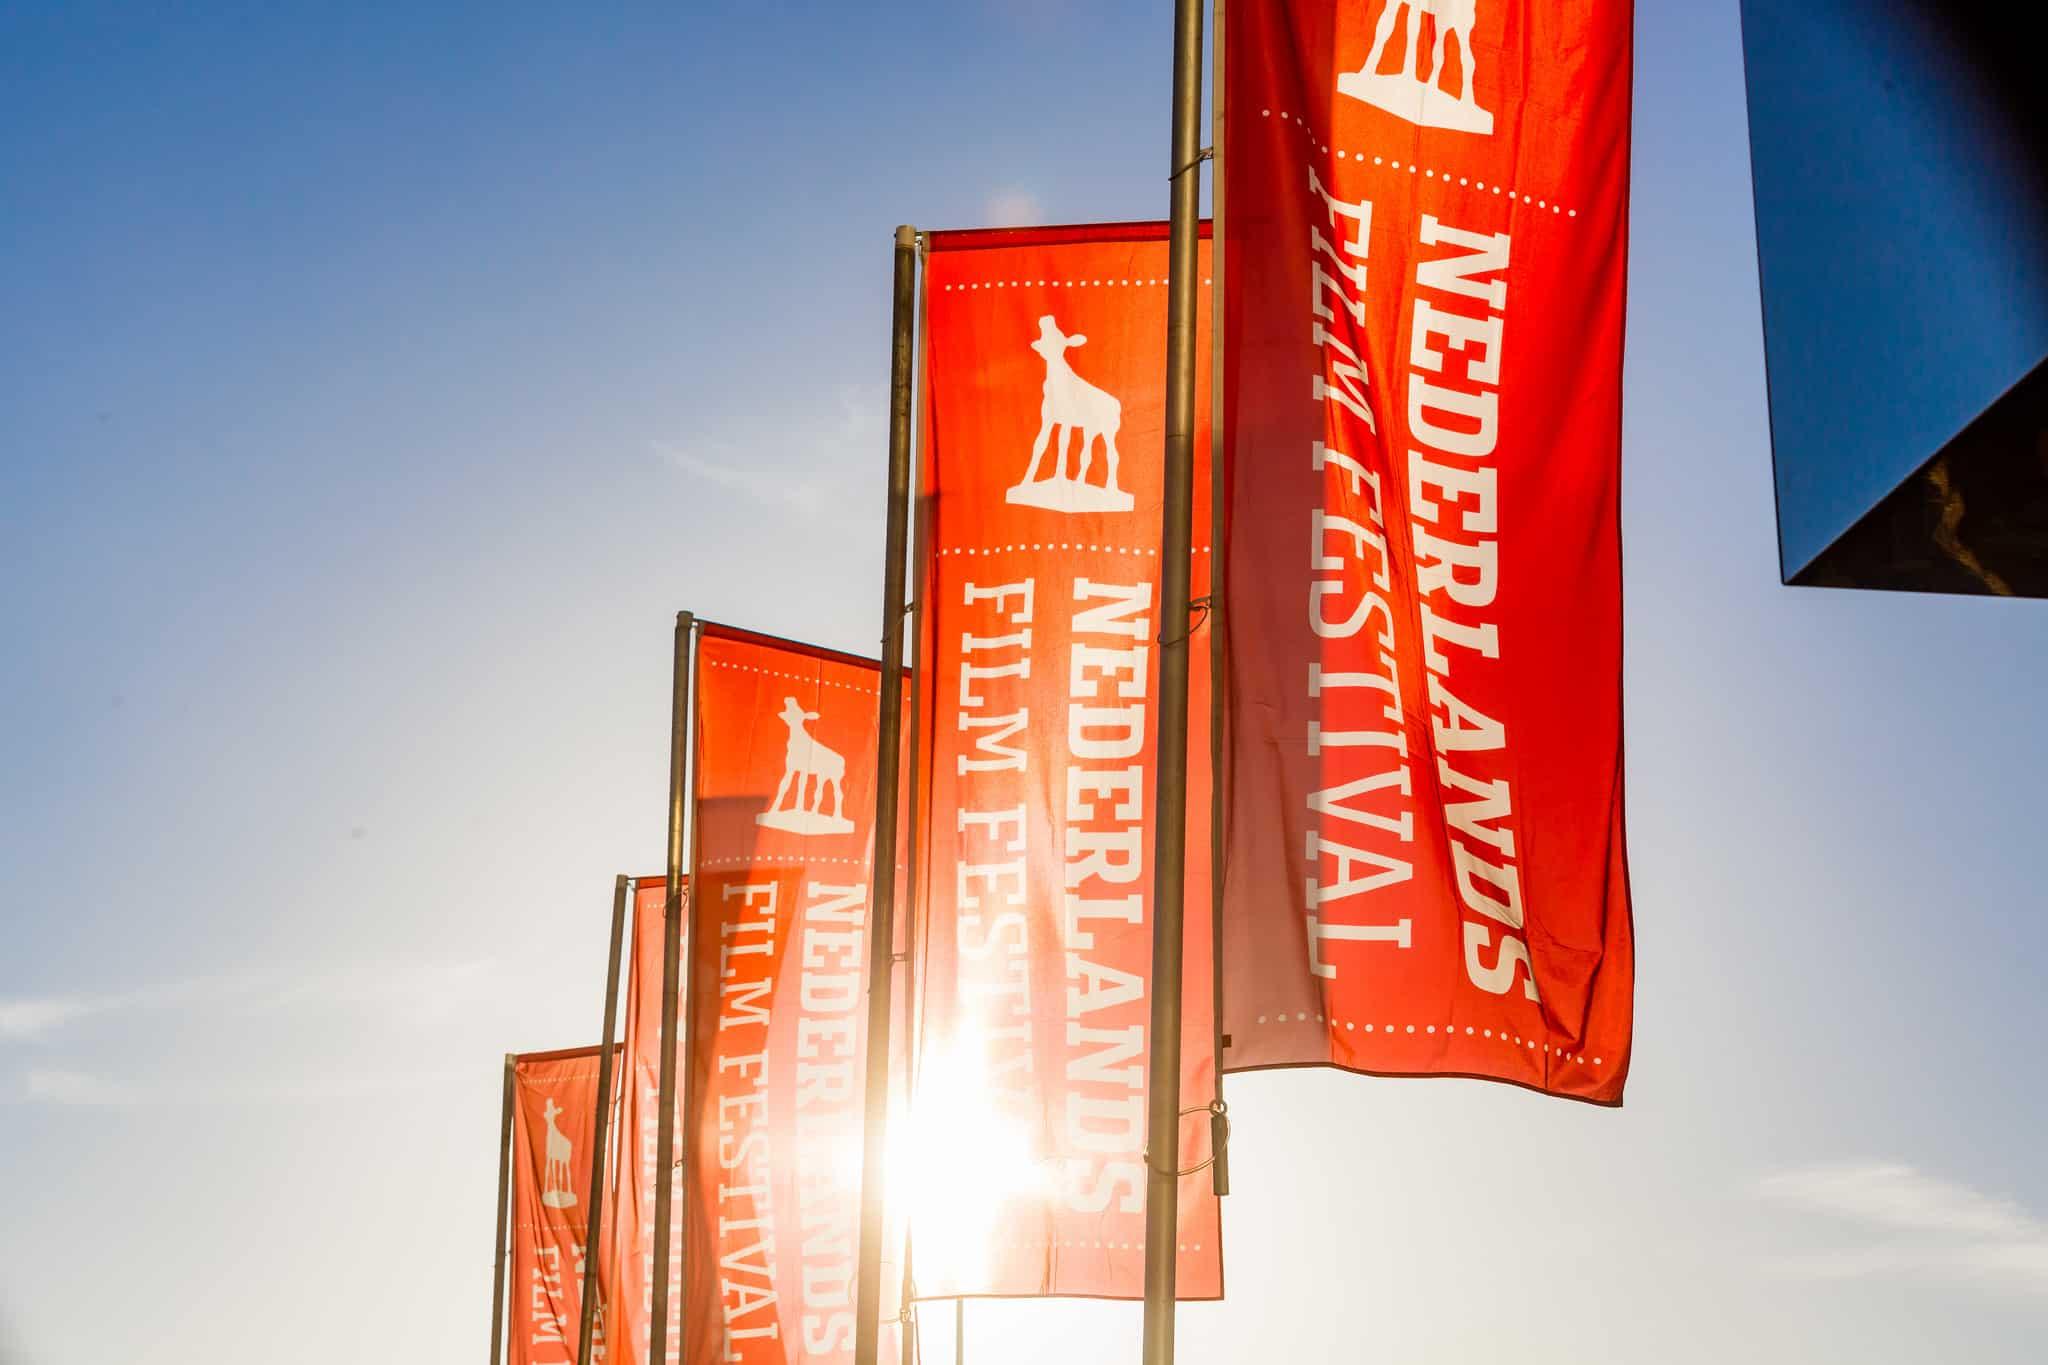 Nederlands film festival fotograaf